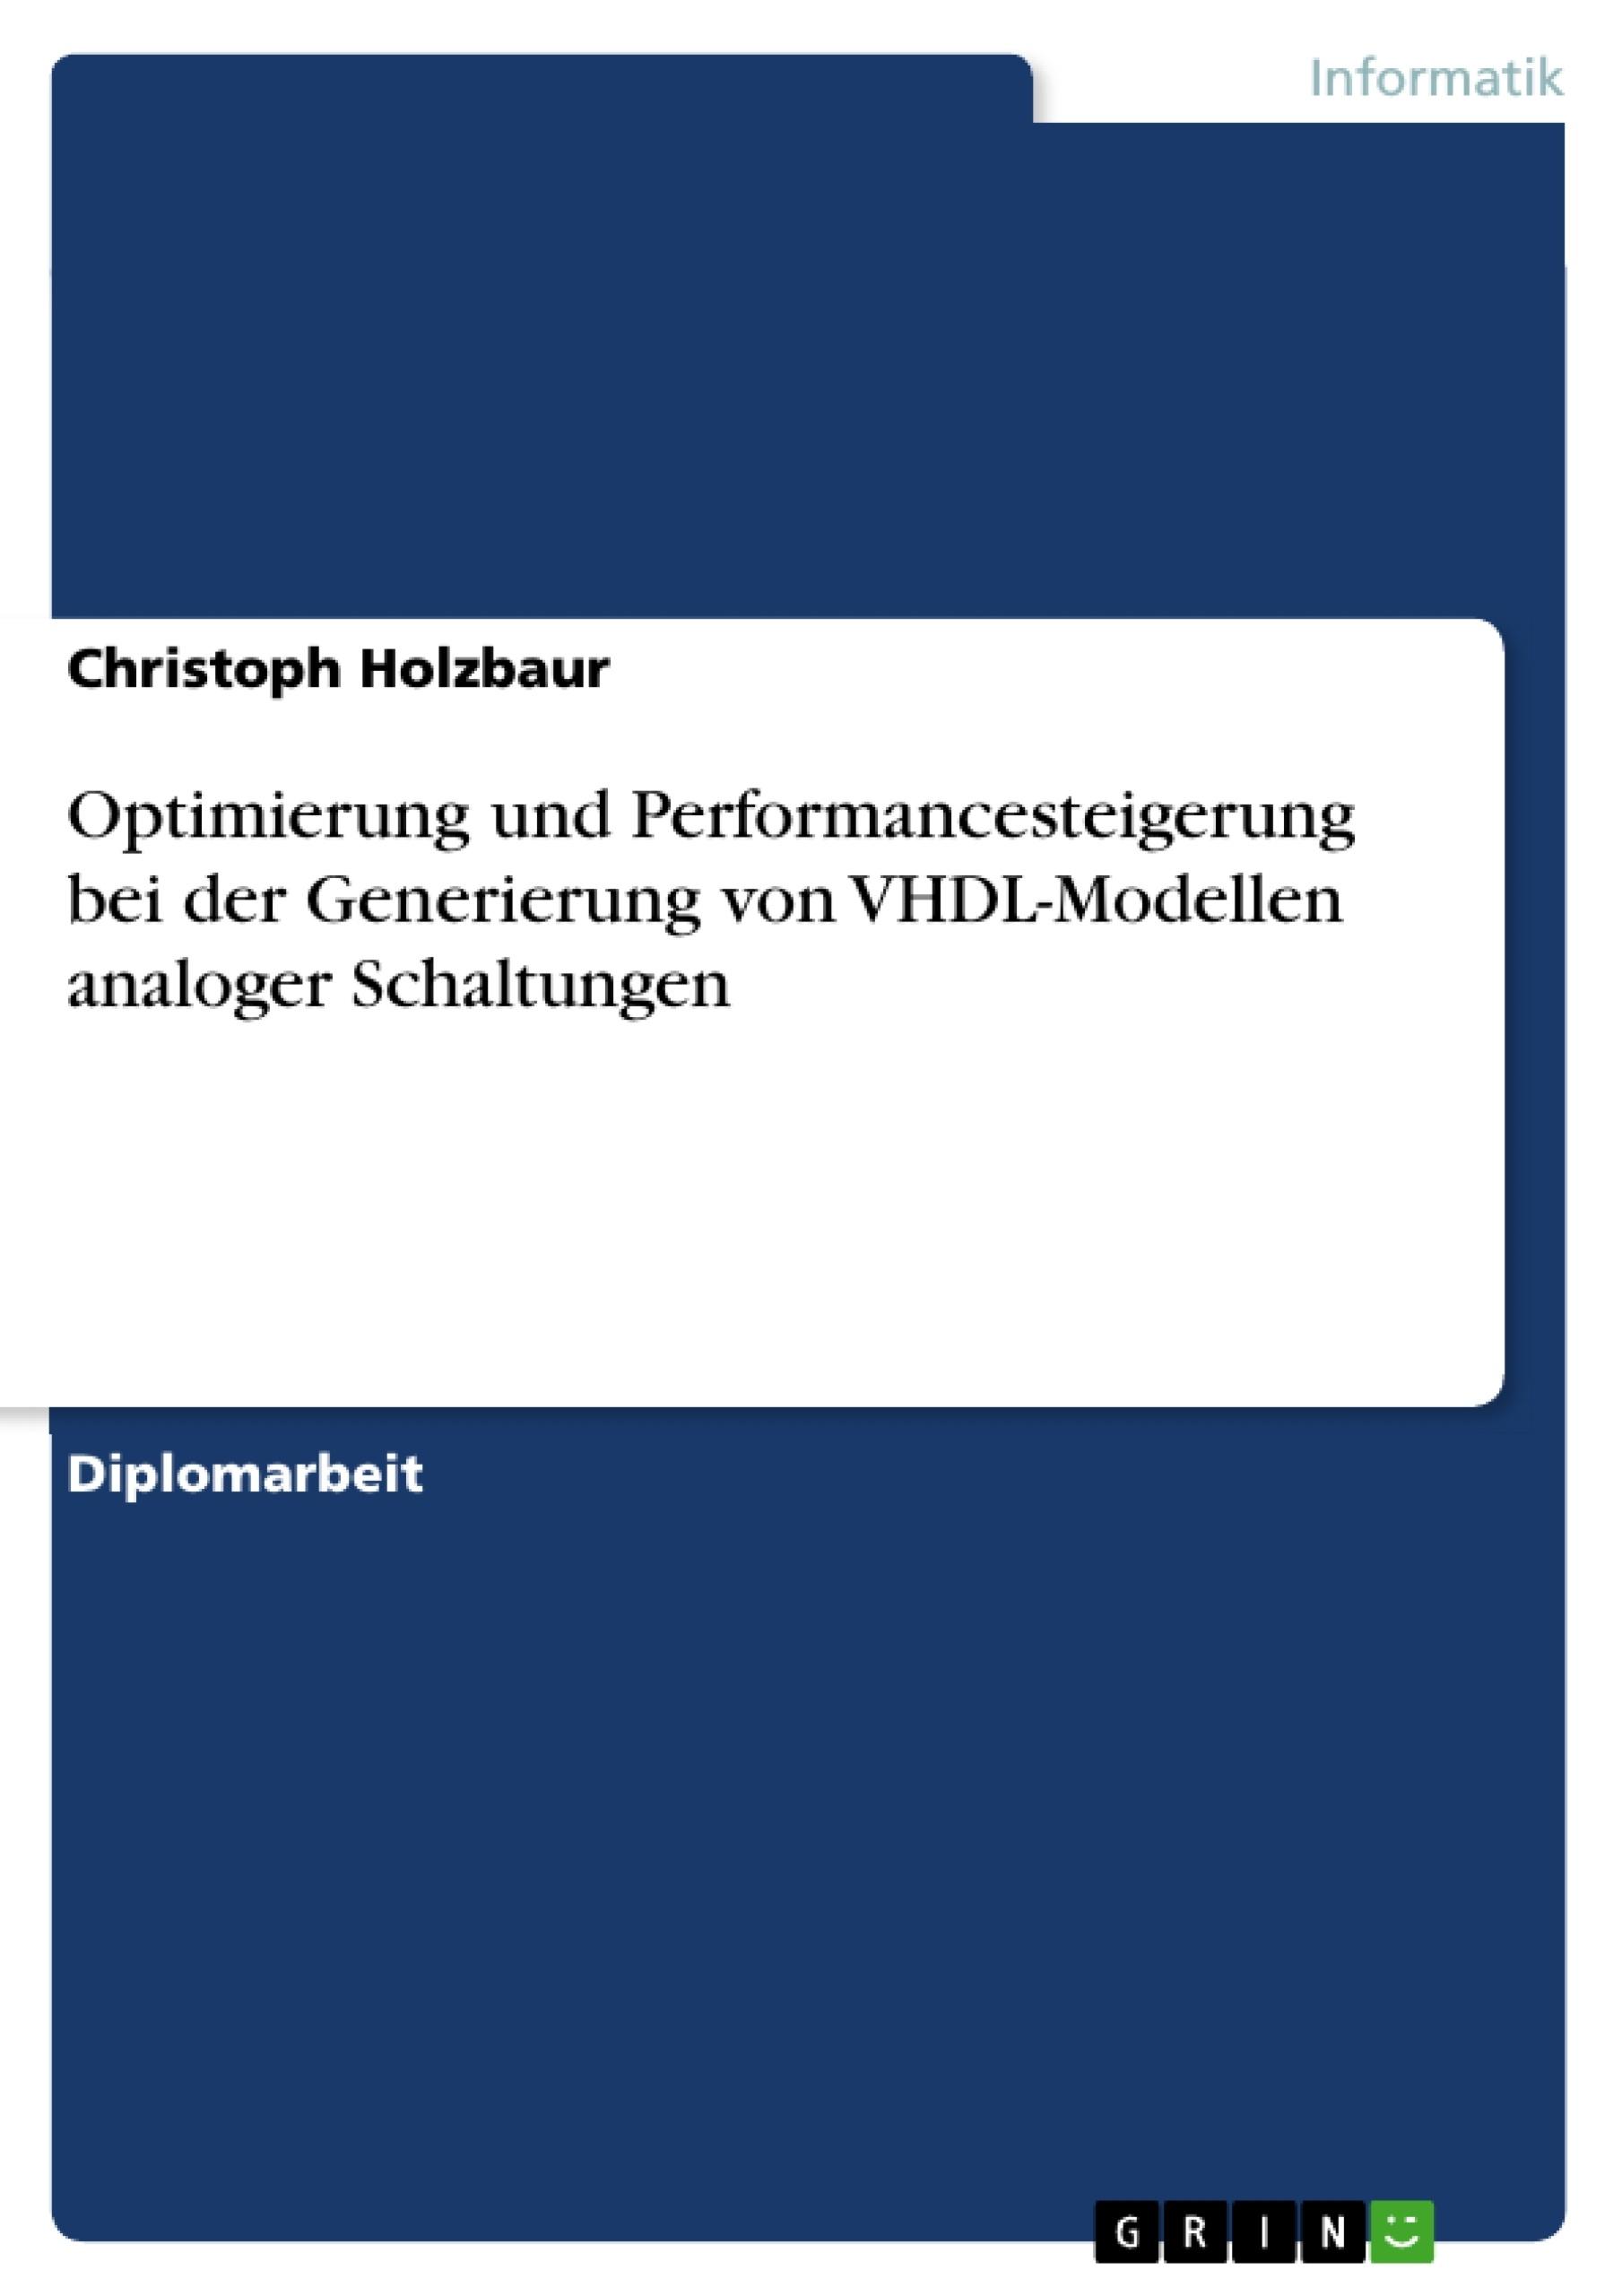 Titel: Optimierung und Performancesteigerung bei der Generierung von VHDL-Modellen analoger Schaltungen